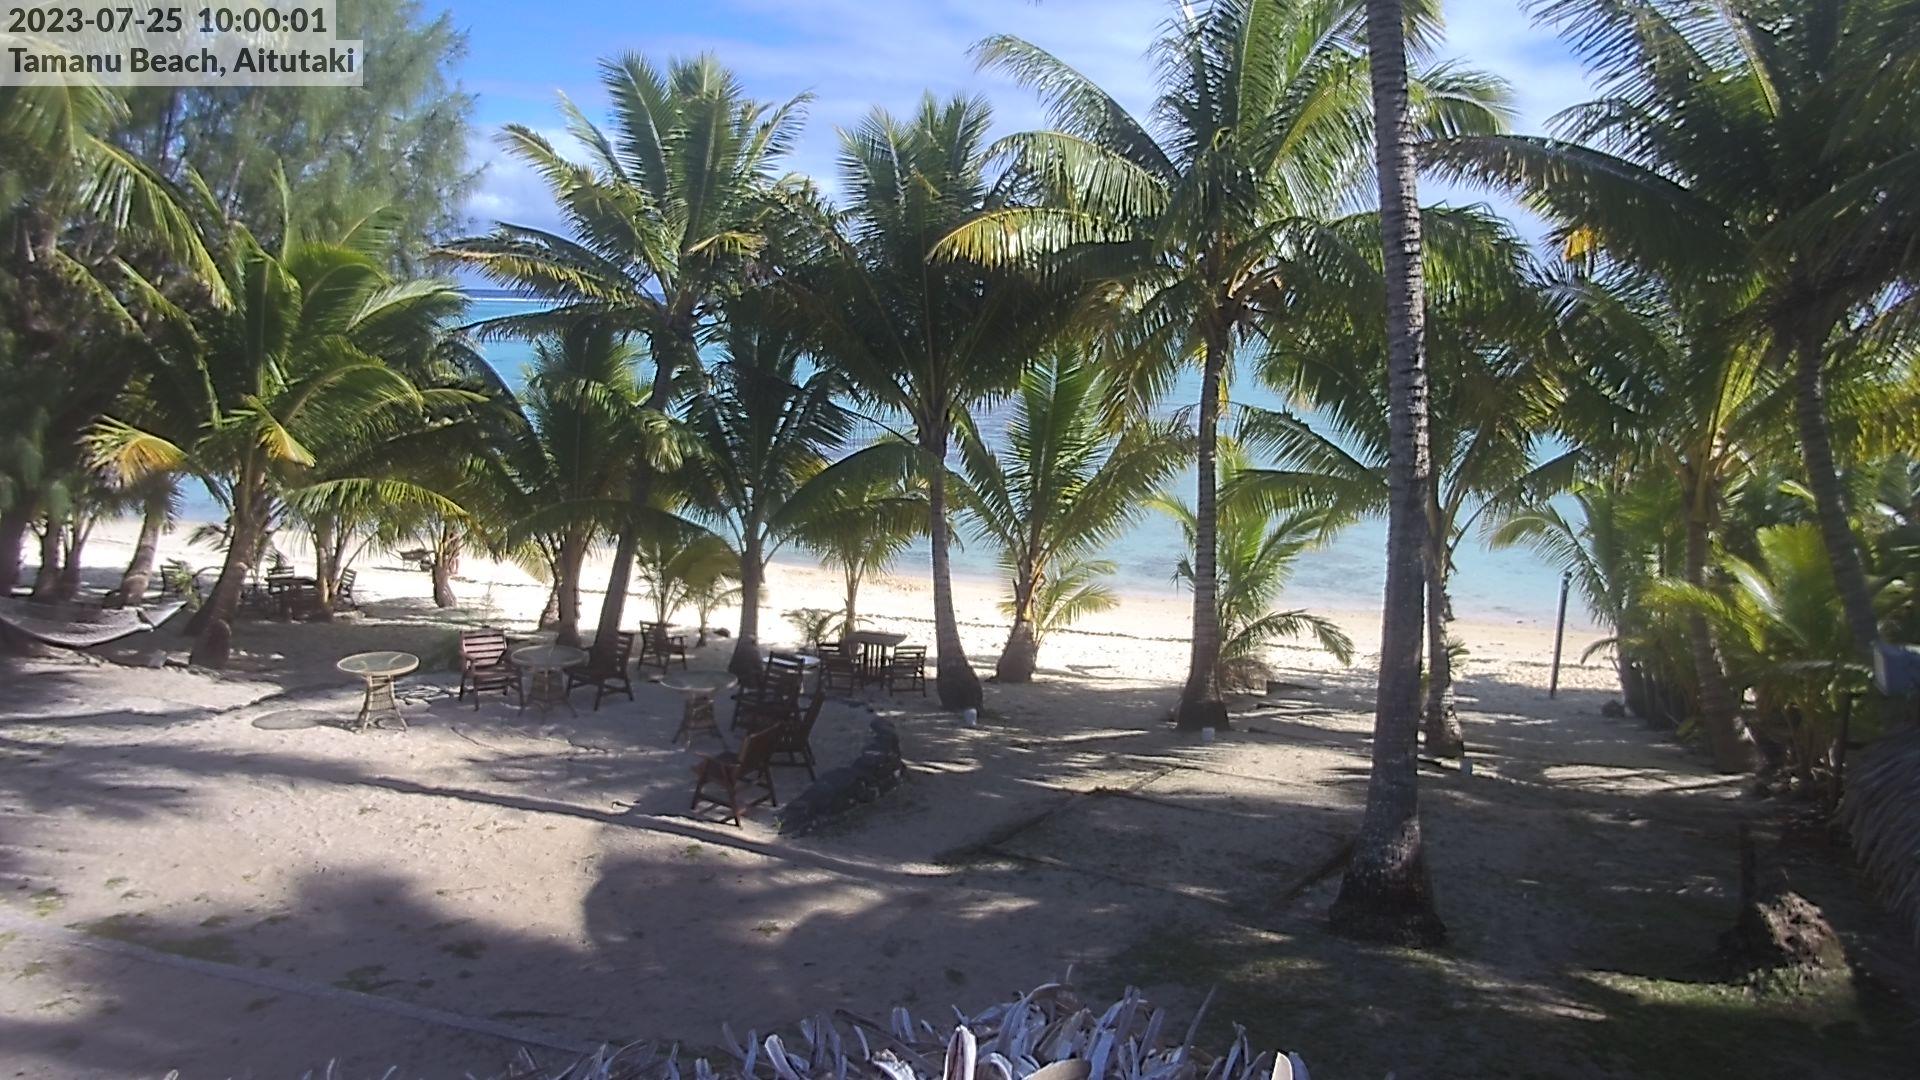 10 AM @ Tamanu Beach